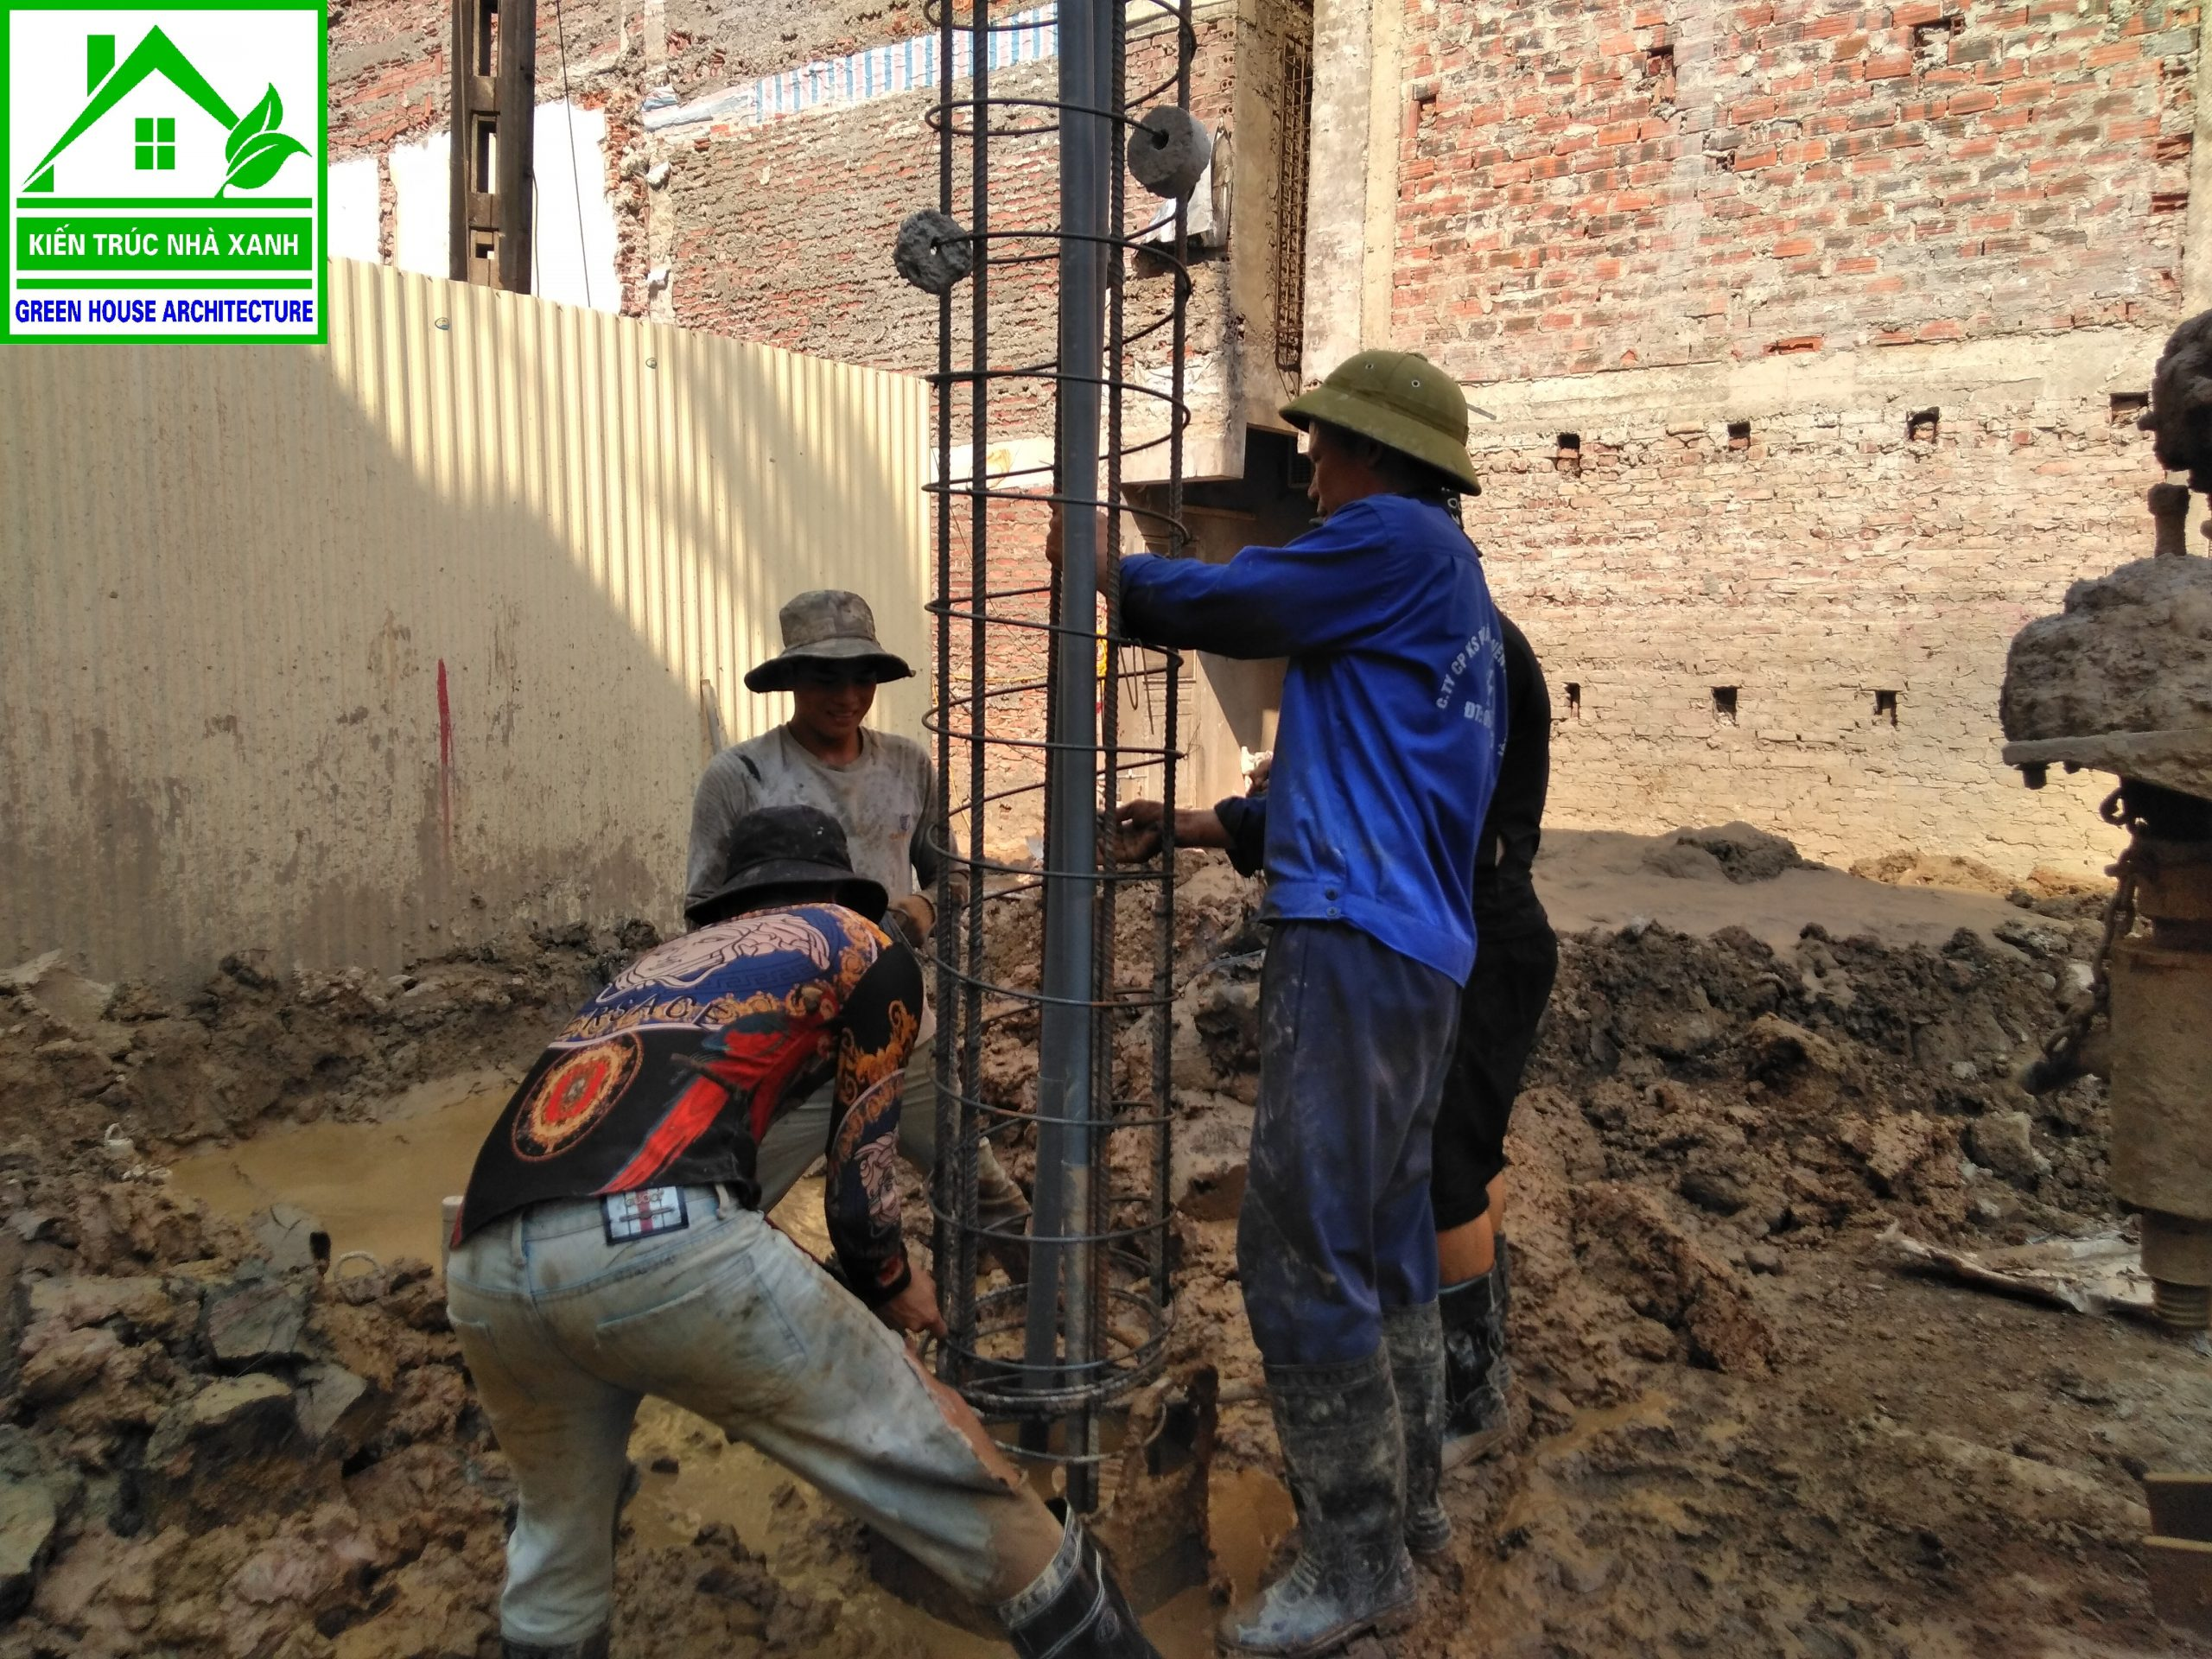 Cọc khoan nhồi Thanh Hóa - Chúng tôi tự hào là một trong những Doanh nghiệp đi đầu trong công tác Khoan cọc nhồi tại Thanh Hóa.